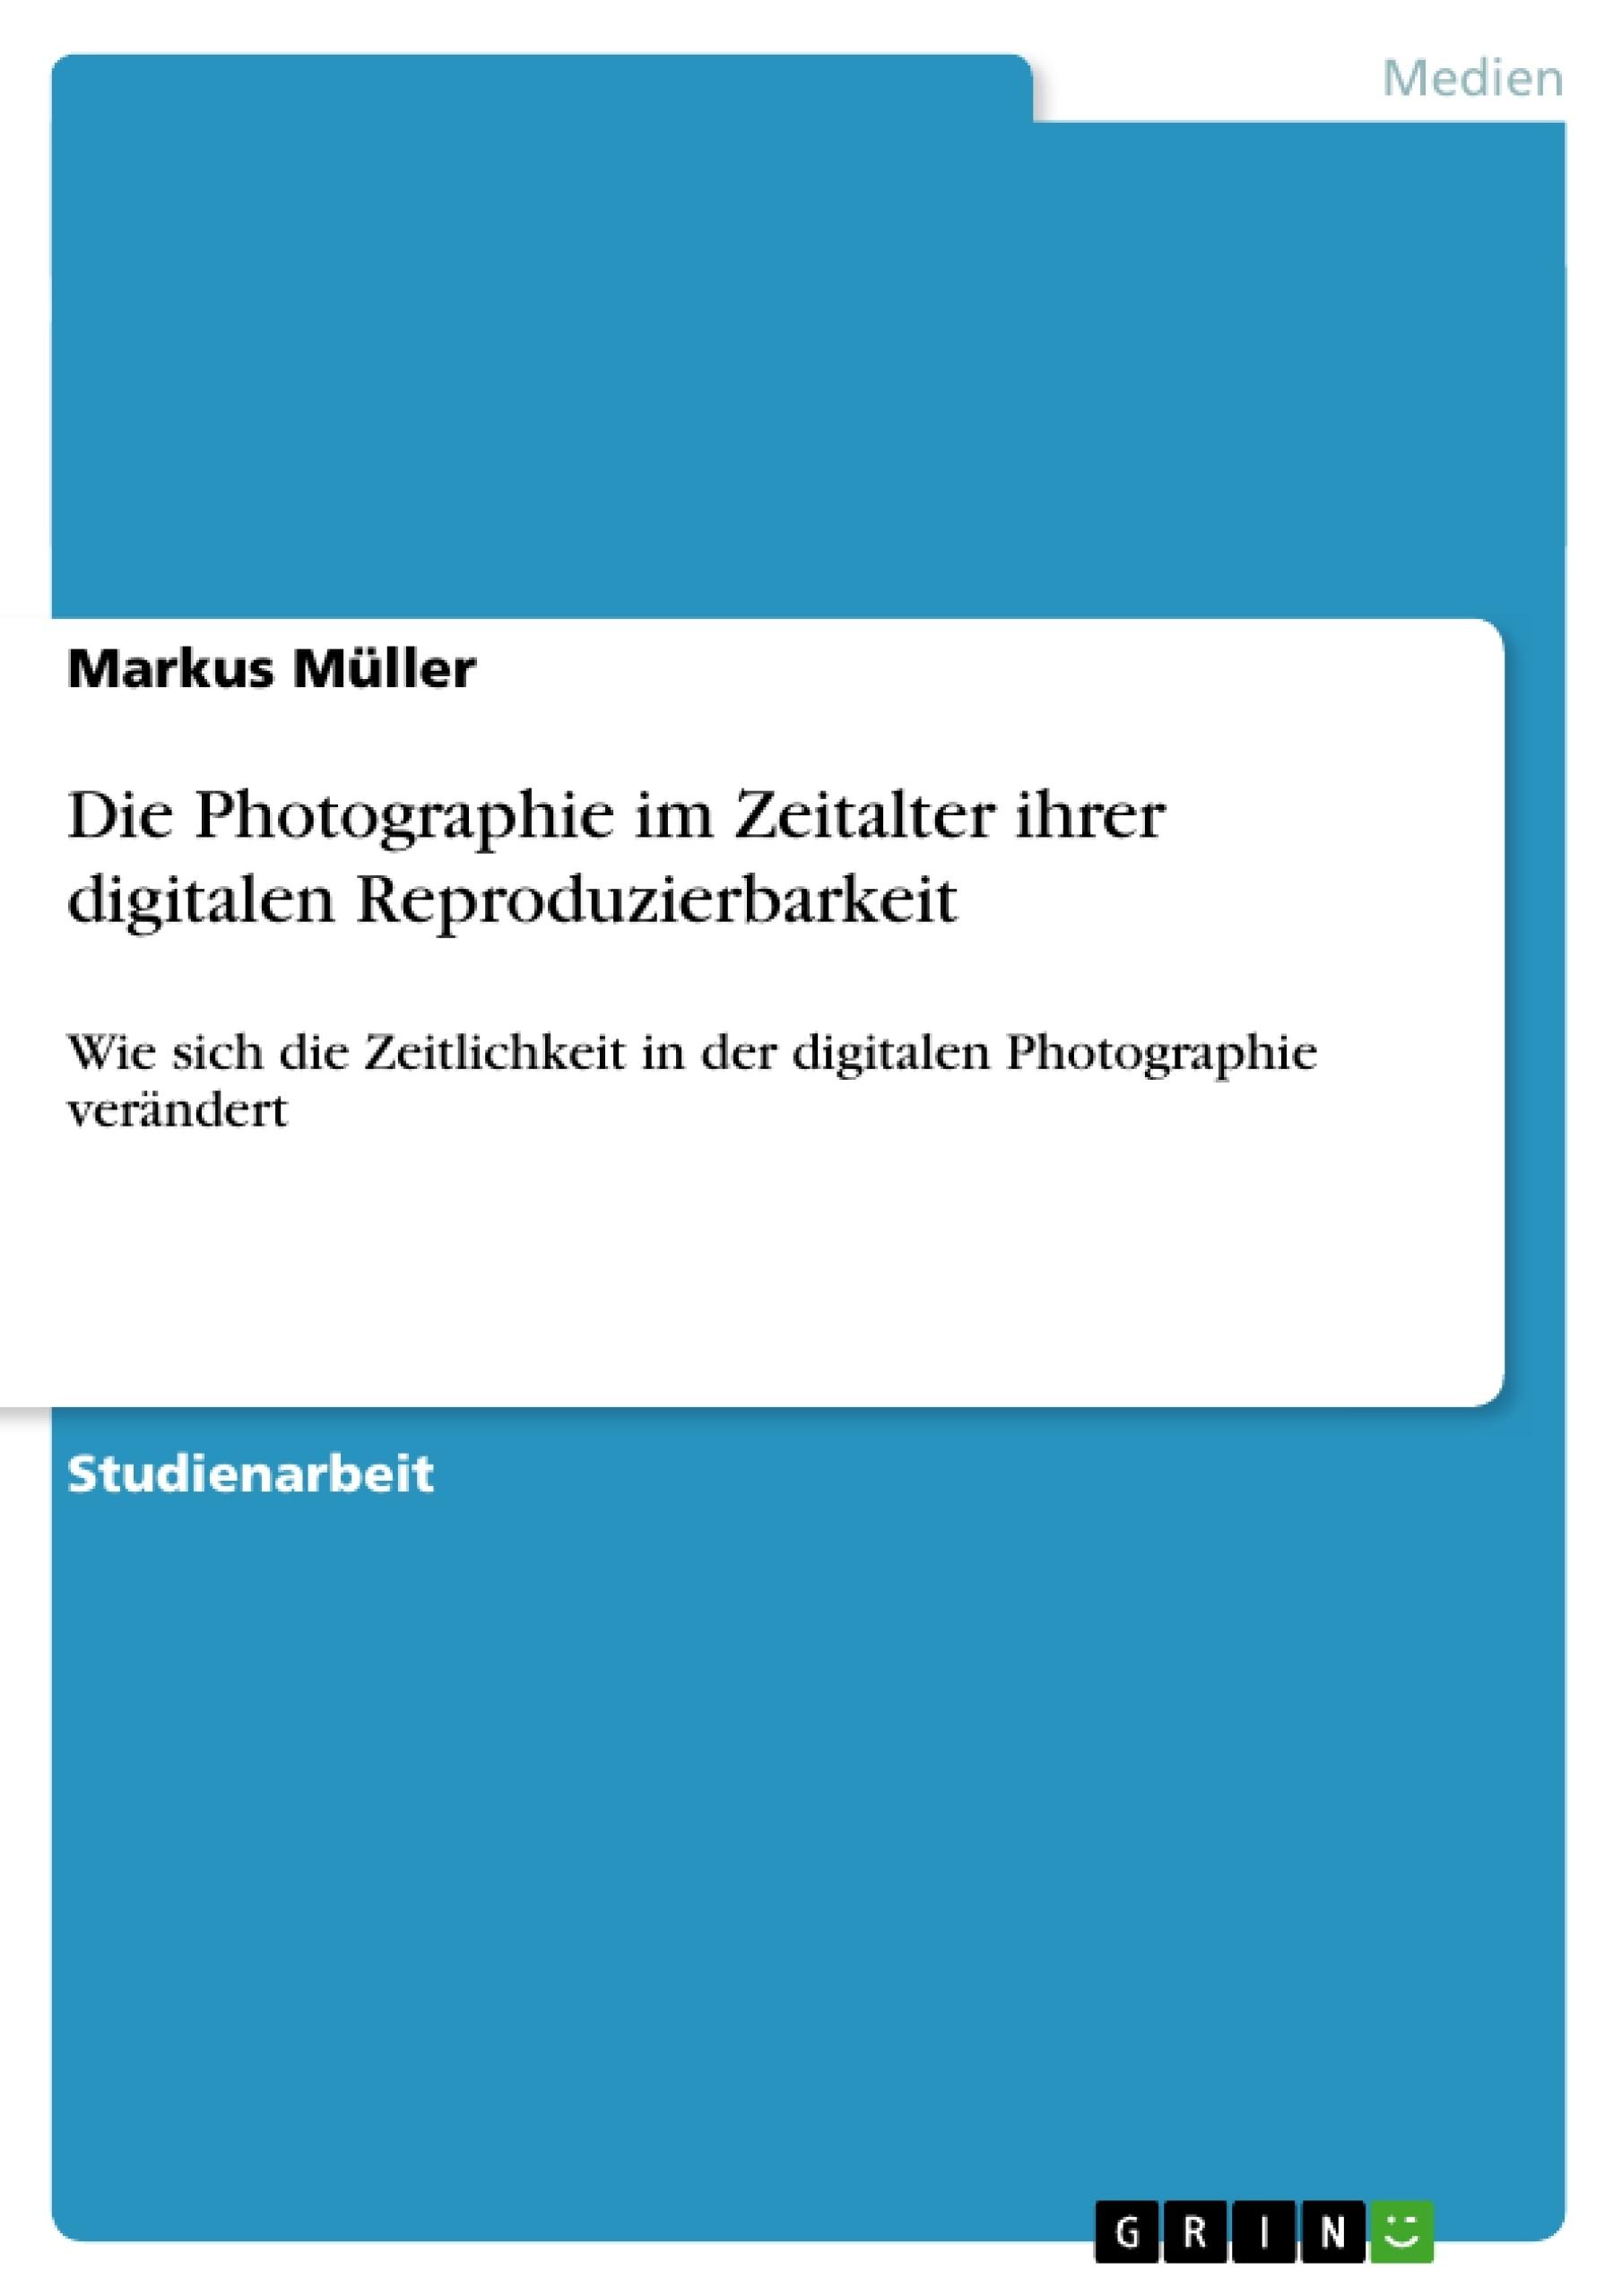 Titel: Die Photographie im Zeitalter ihrer digitalen Reproduzierbarkeit